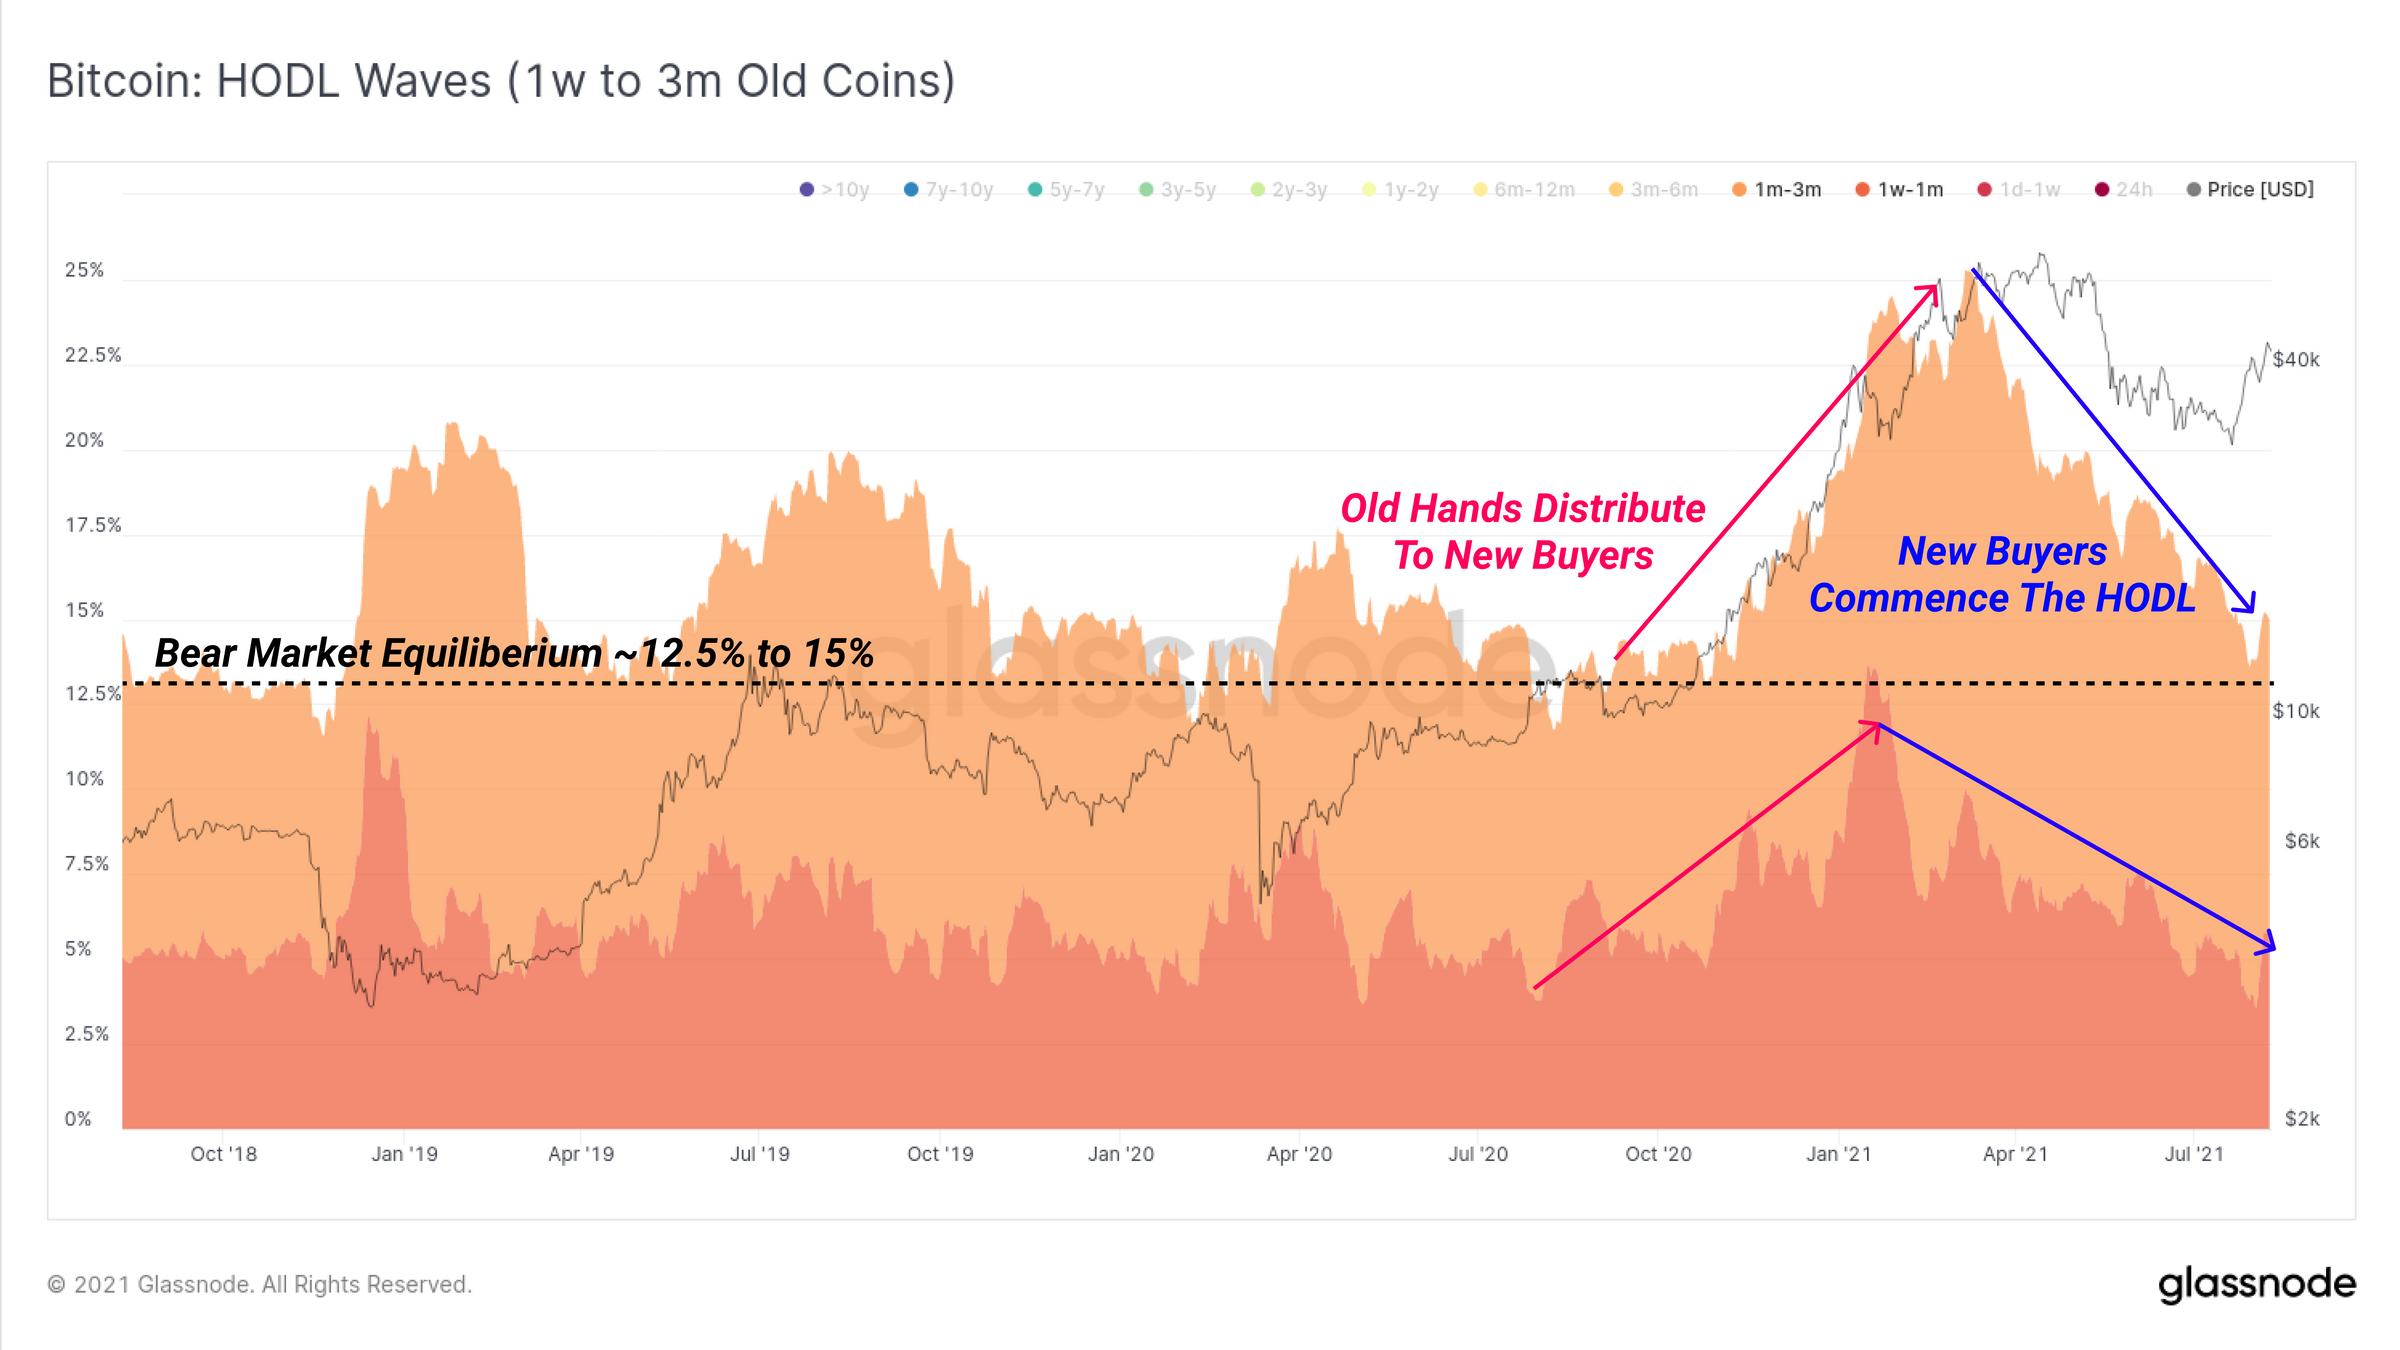 HODL waves di Bitcoin per monete con età tra 1 settimana e 3 mesi